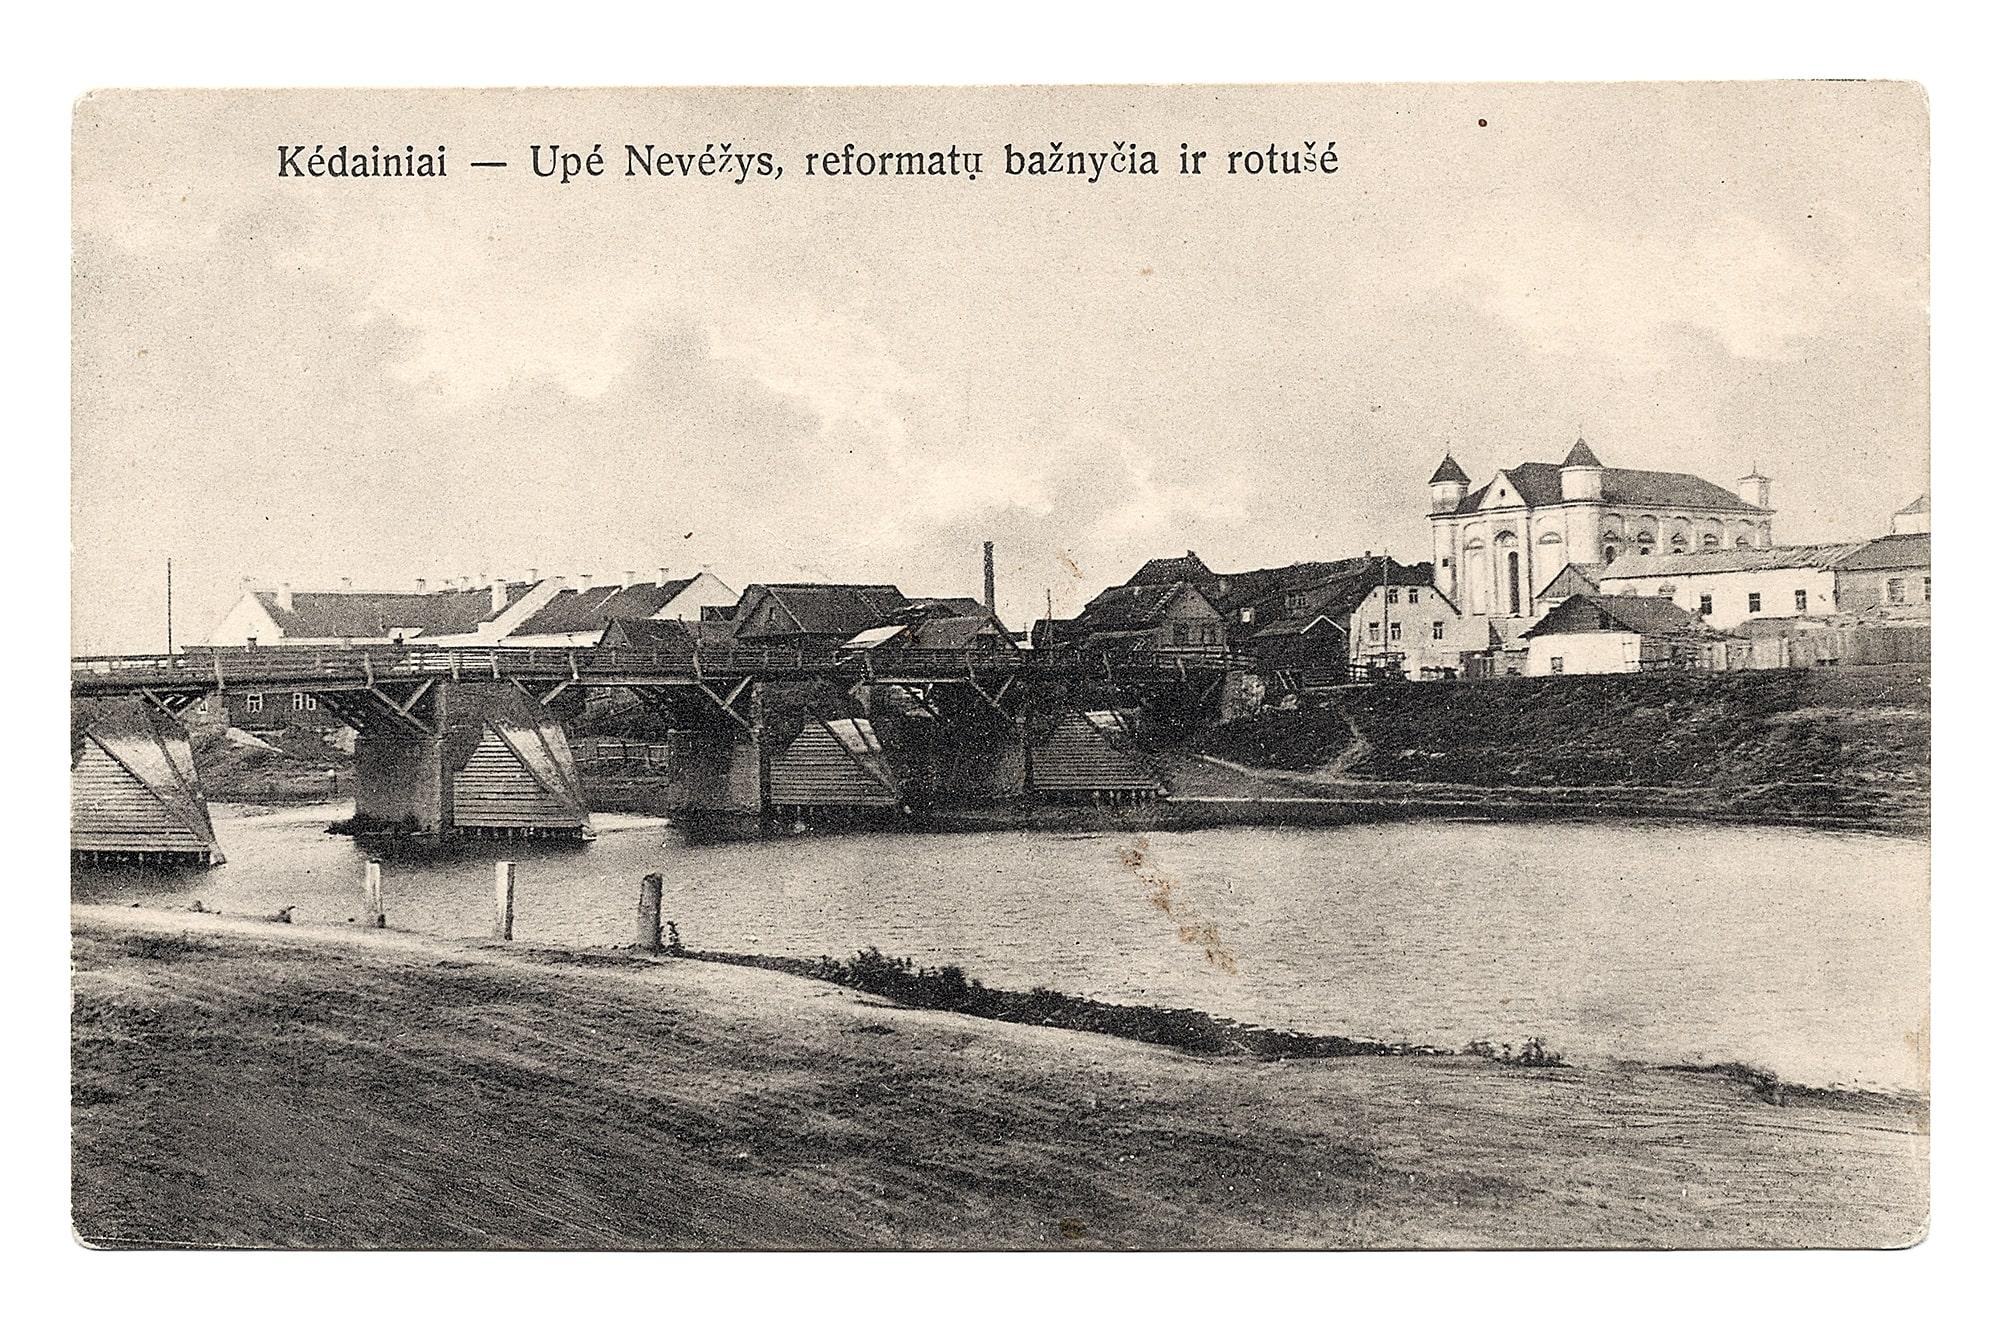 Pėsčiųjų tiltas per Nevėžį, dešinėje evangelikų reformatų bažnyčia, 1924 m